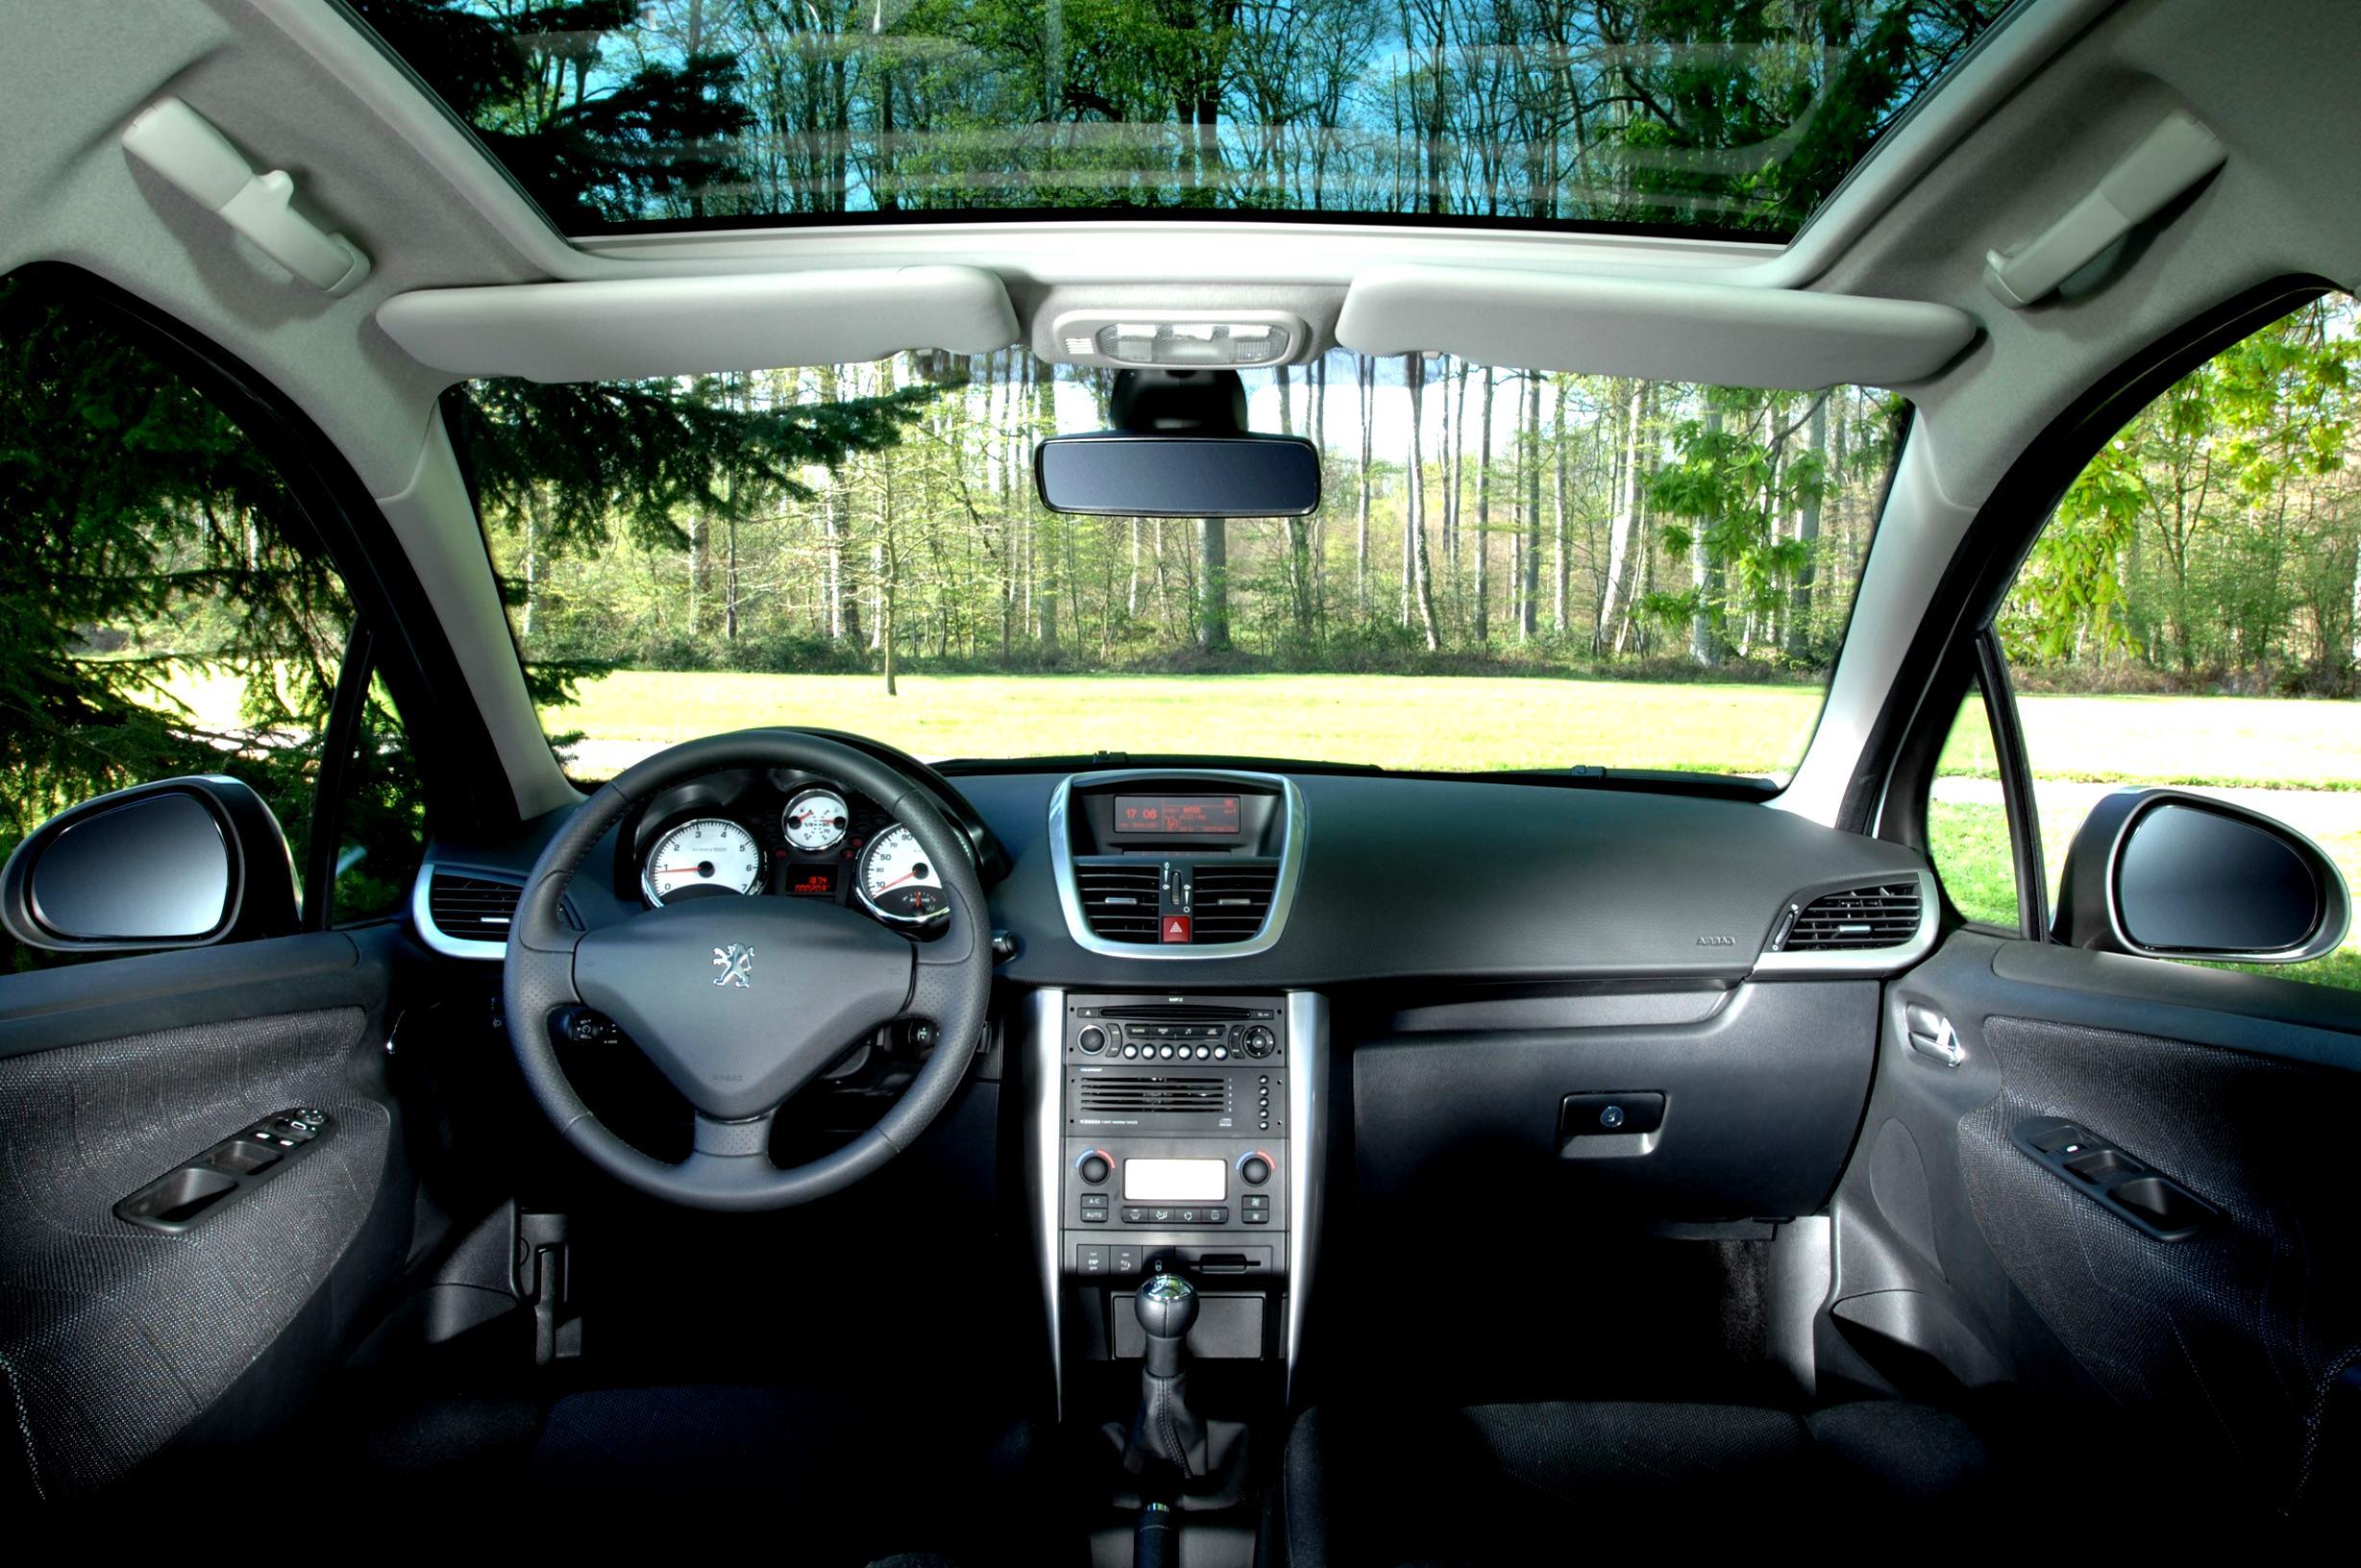 Как установить подсветку бардачка, если в данной комплектации Peugeot 207 она не предусмотрена